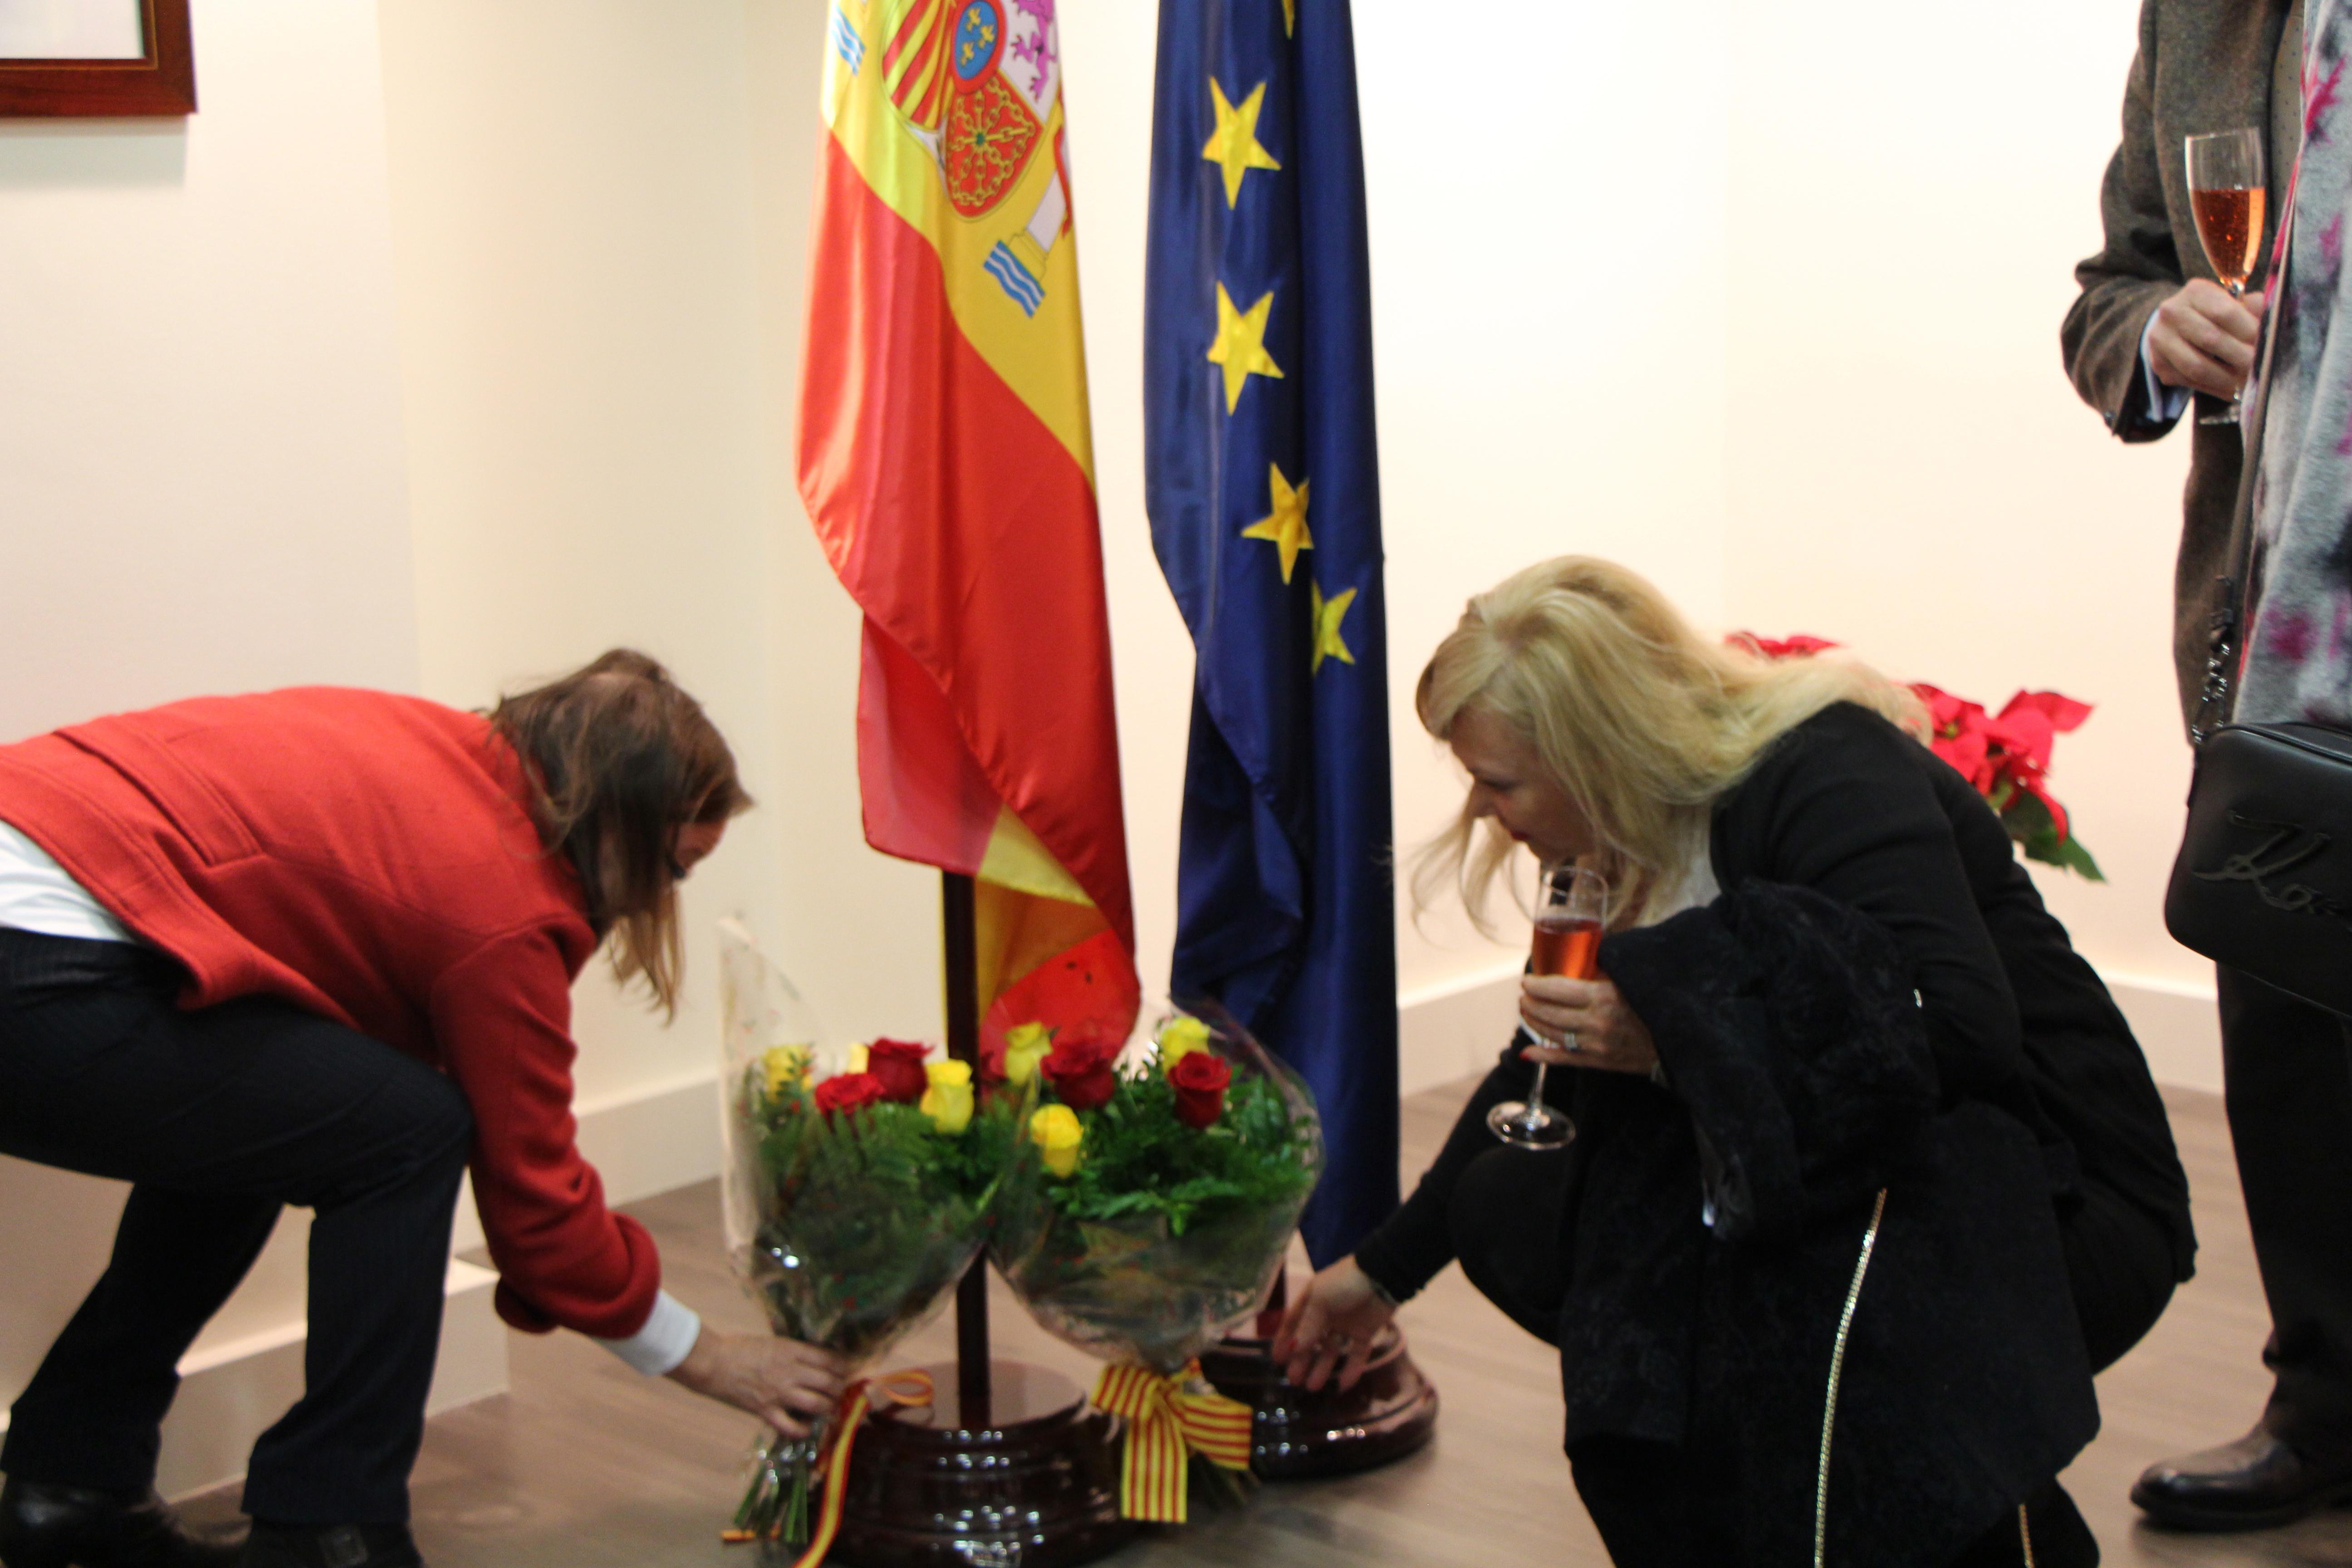 Acte per commemorar la constitució espanyola a l'ambaixada